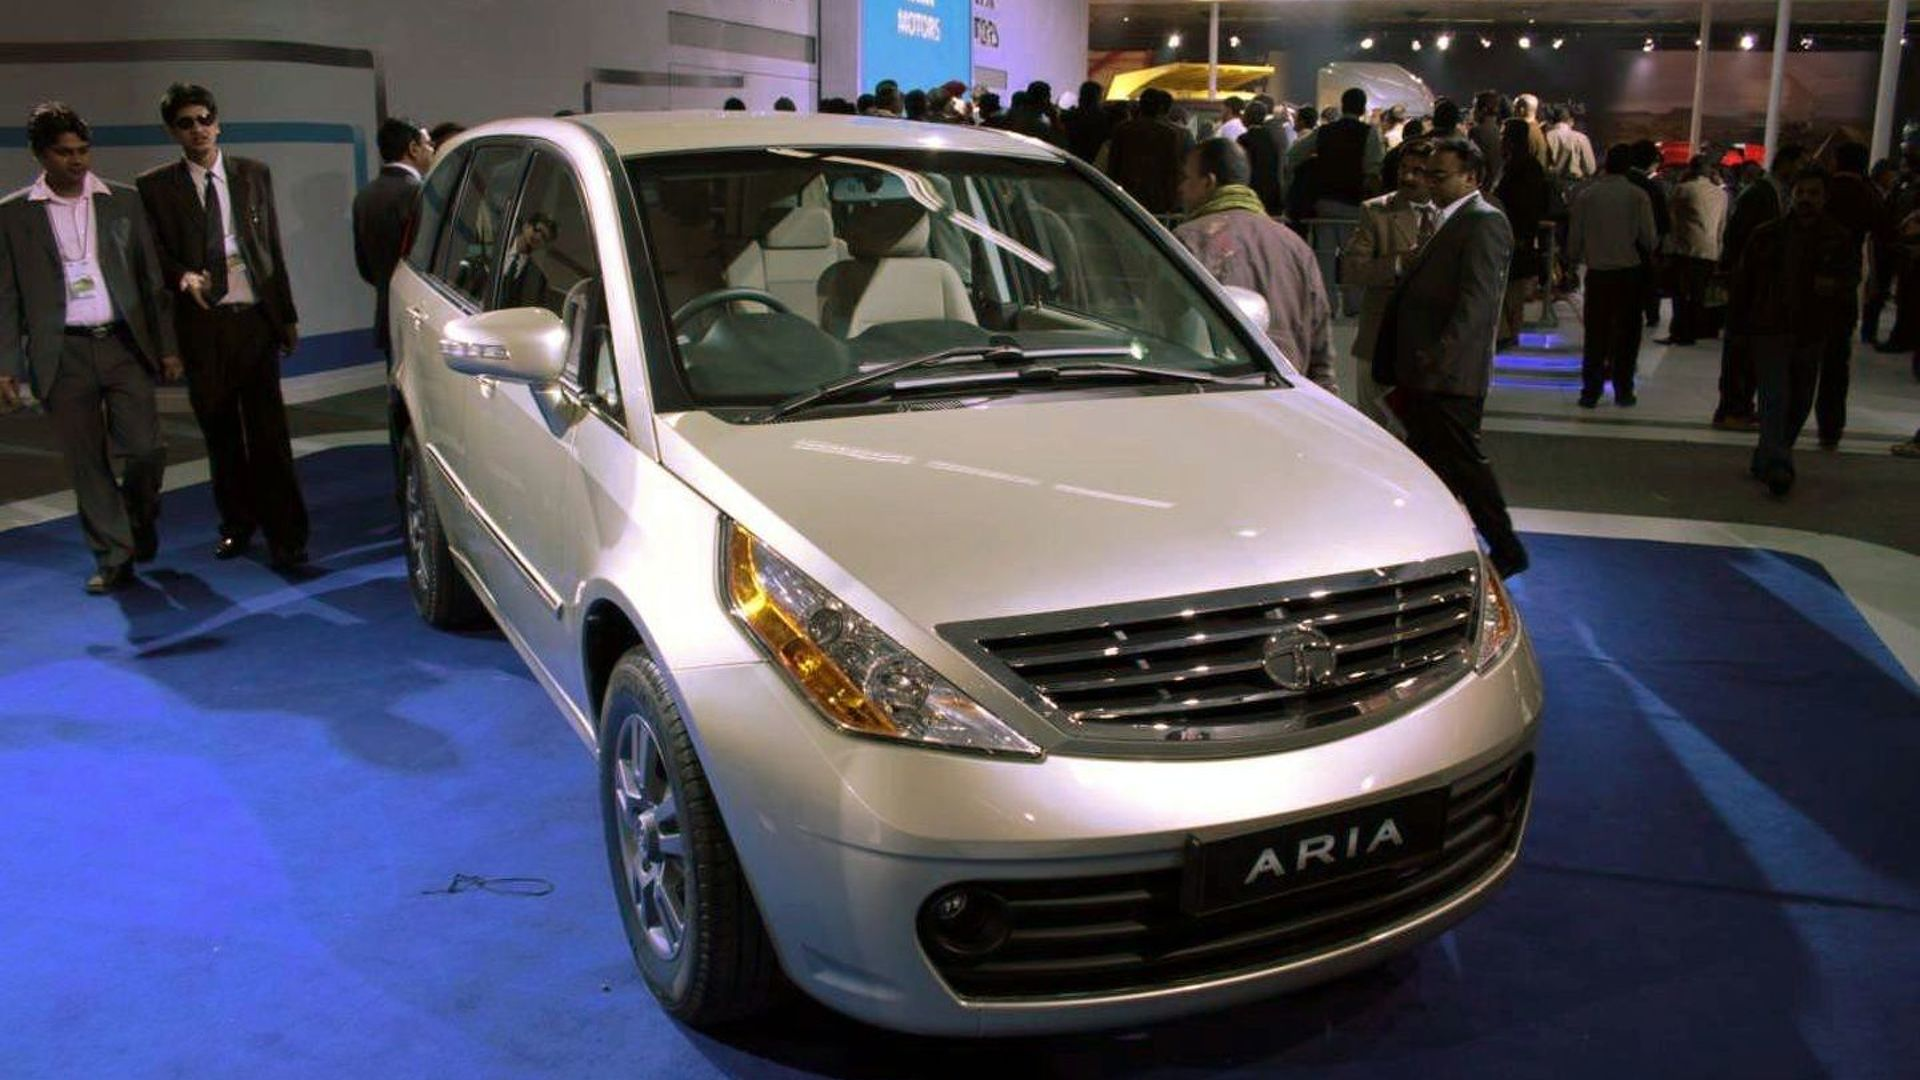 2011 Tata Aria Crossover Debut at New Delhi Auto Expo